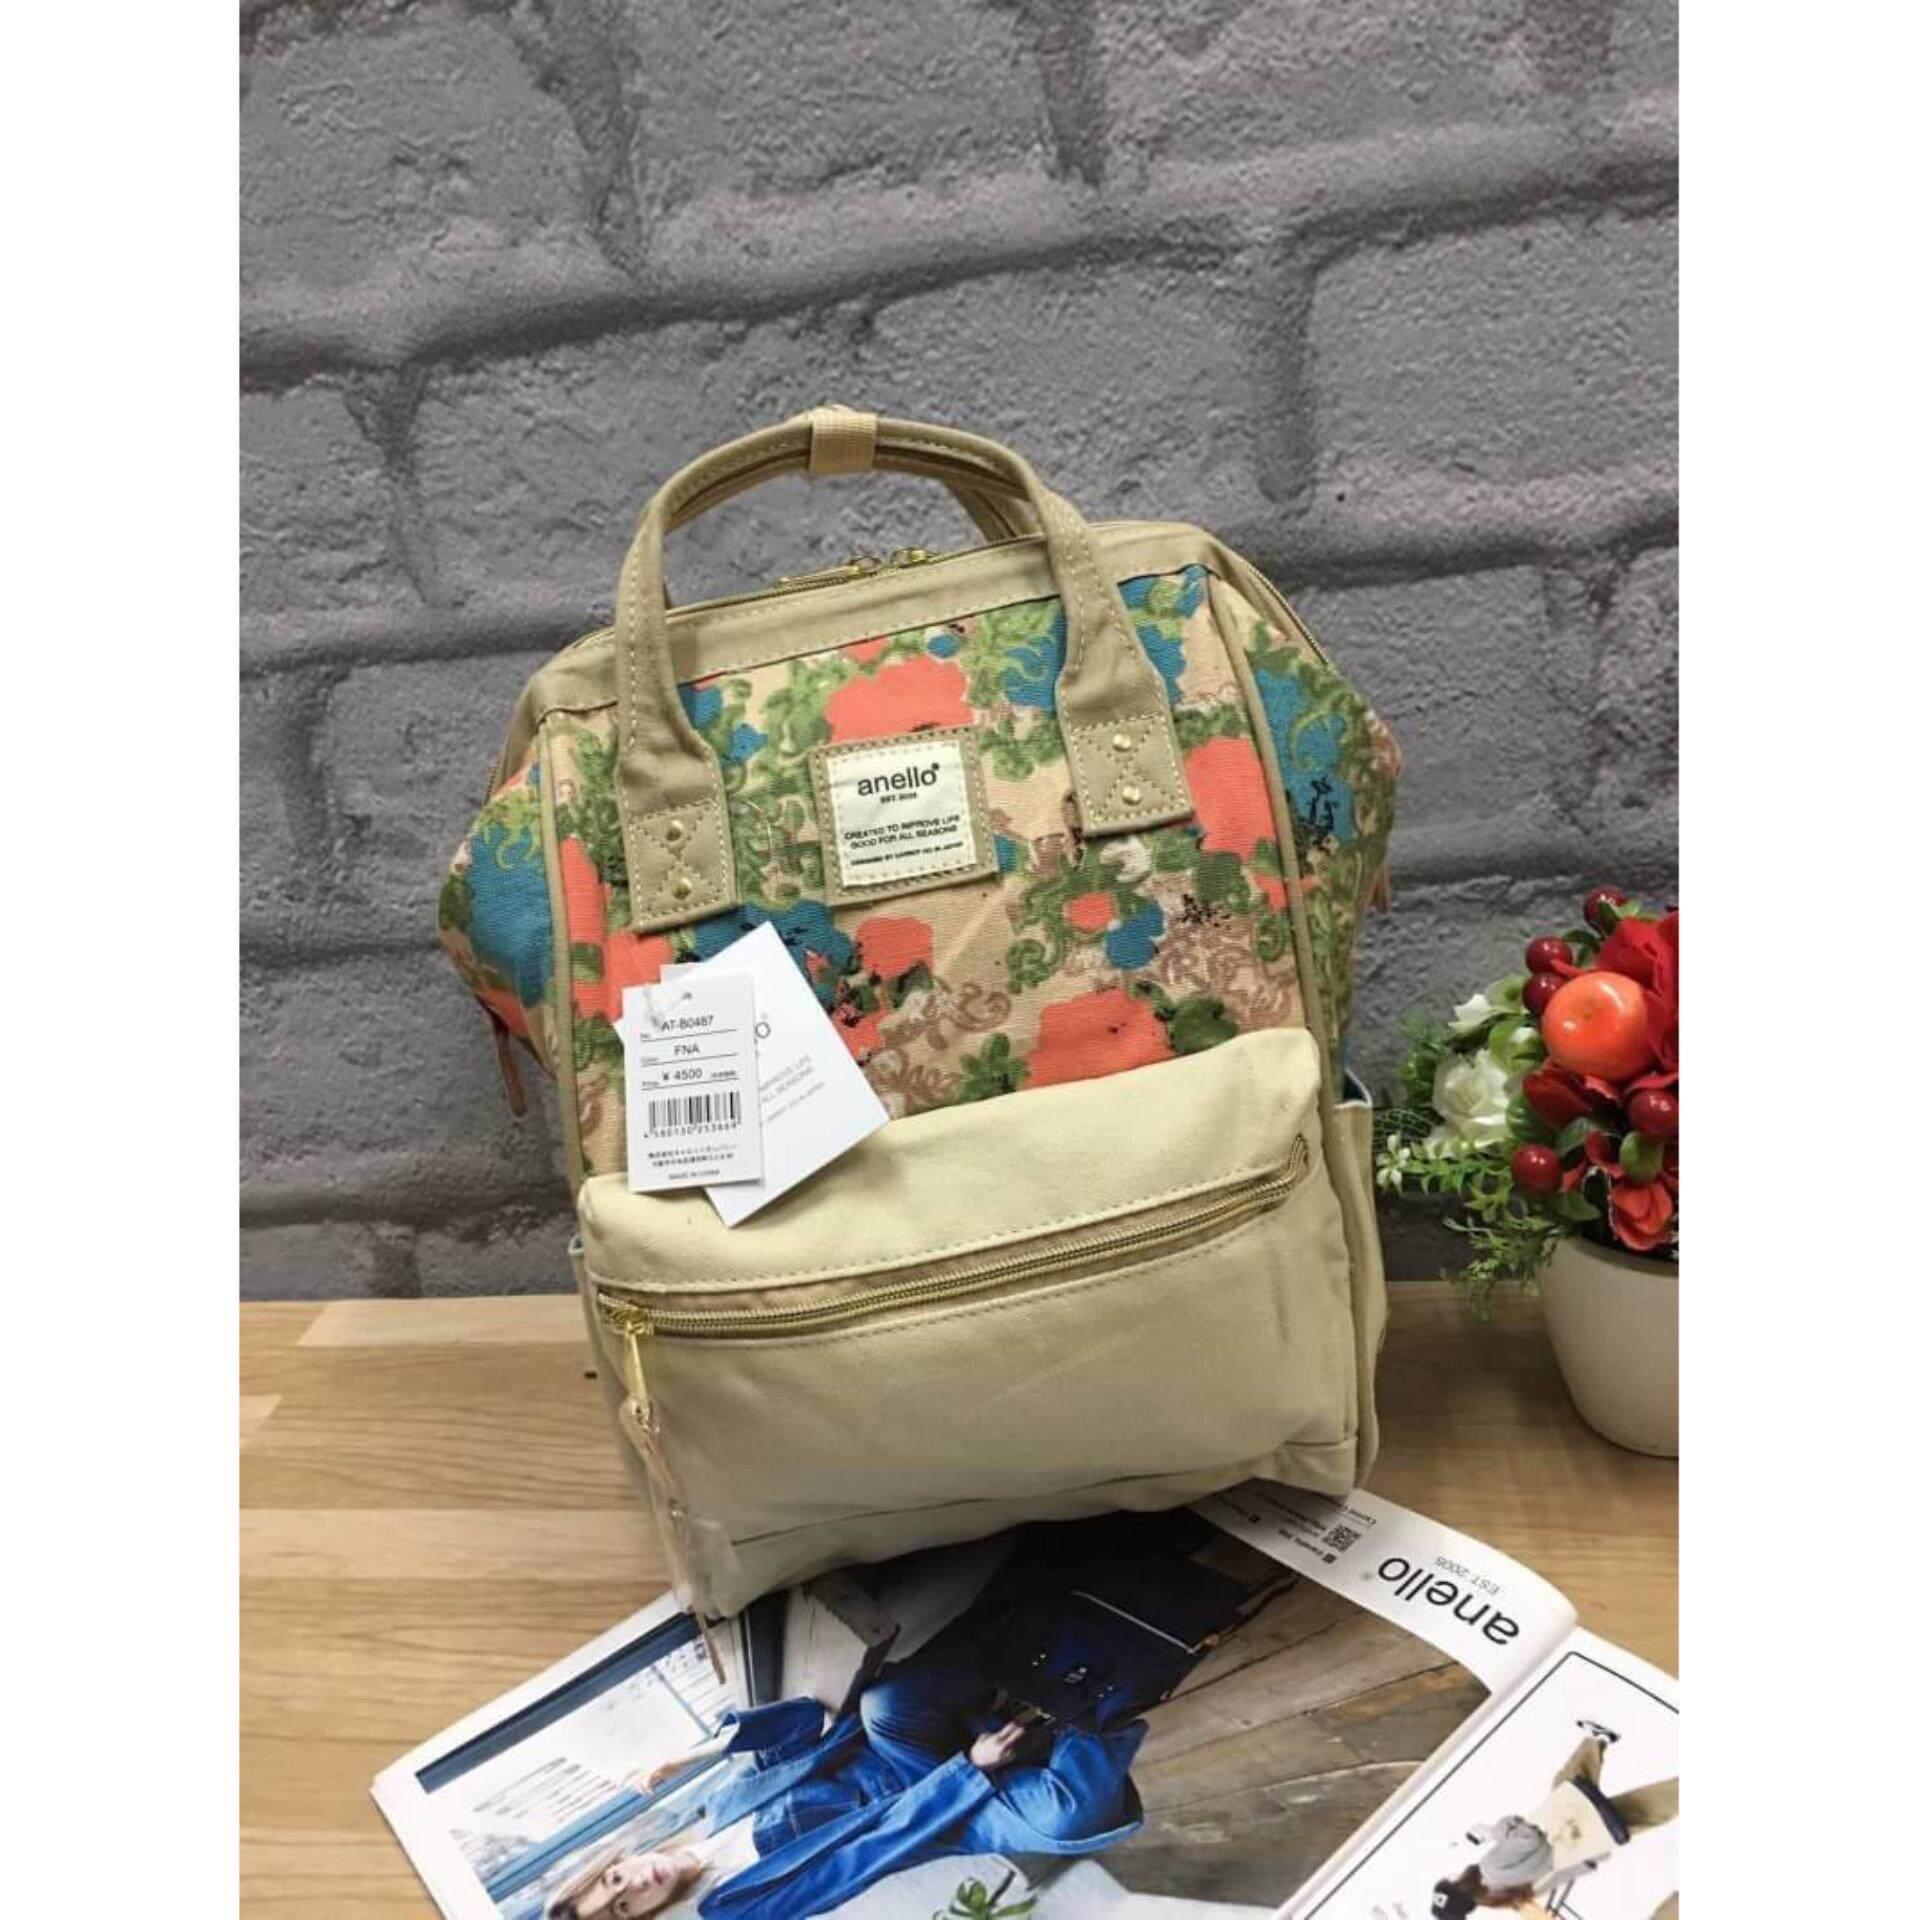 สอนใช้งาน  ปทุมธานี New collection 2017!! กับ Anello Cotton backpack Flower pattern